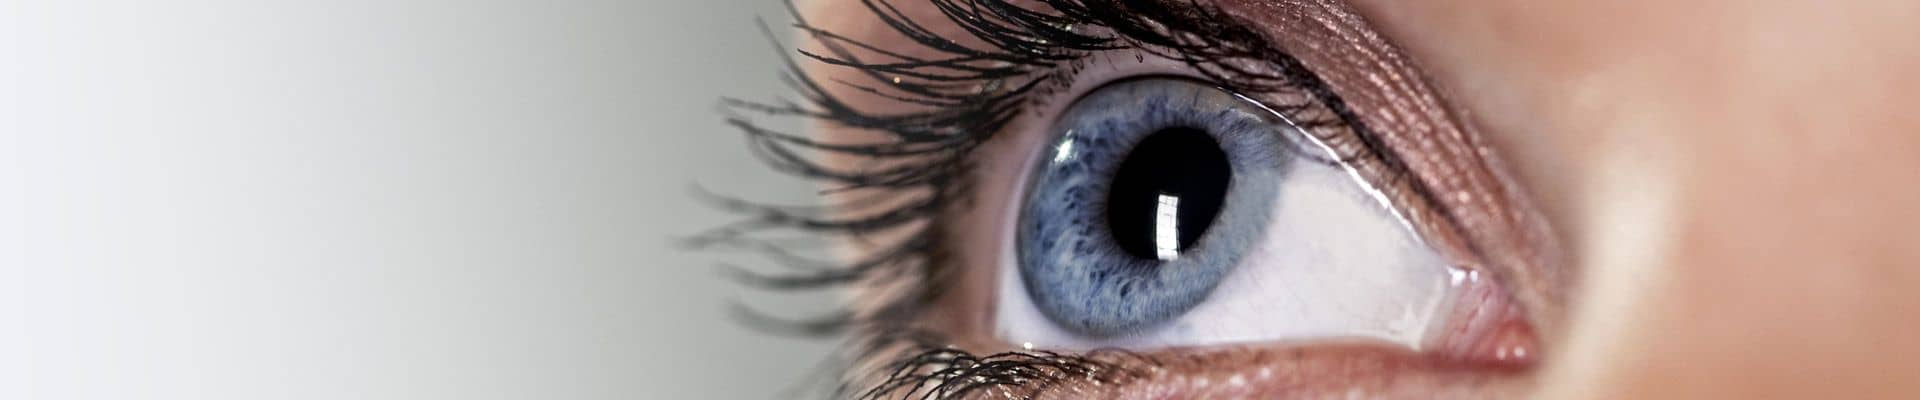 látásélesség szürkehályog javítsa a rövidlátó látást